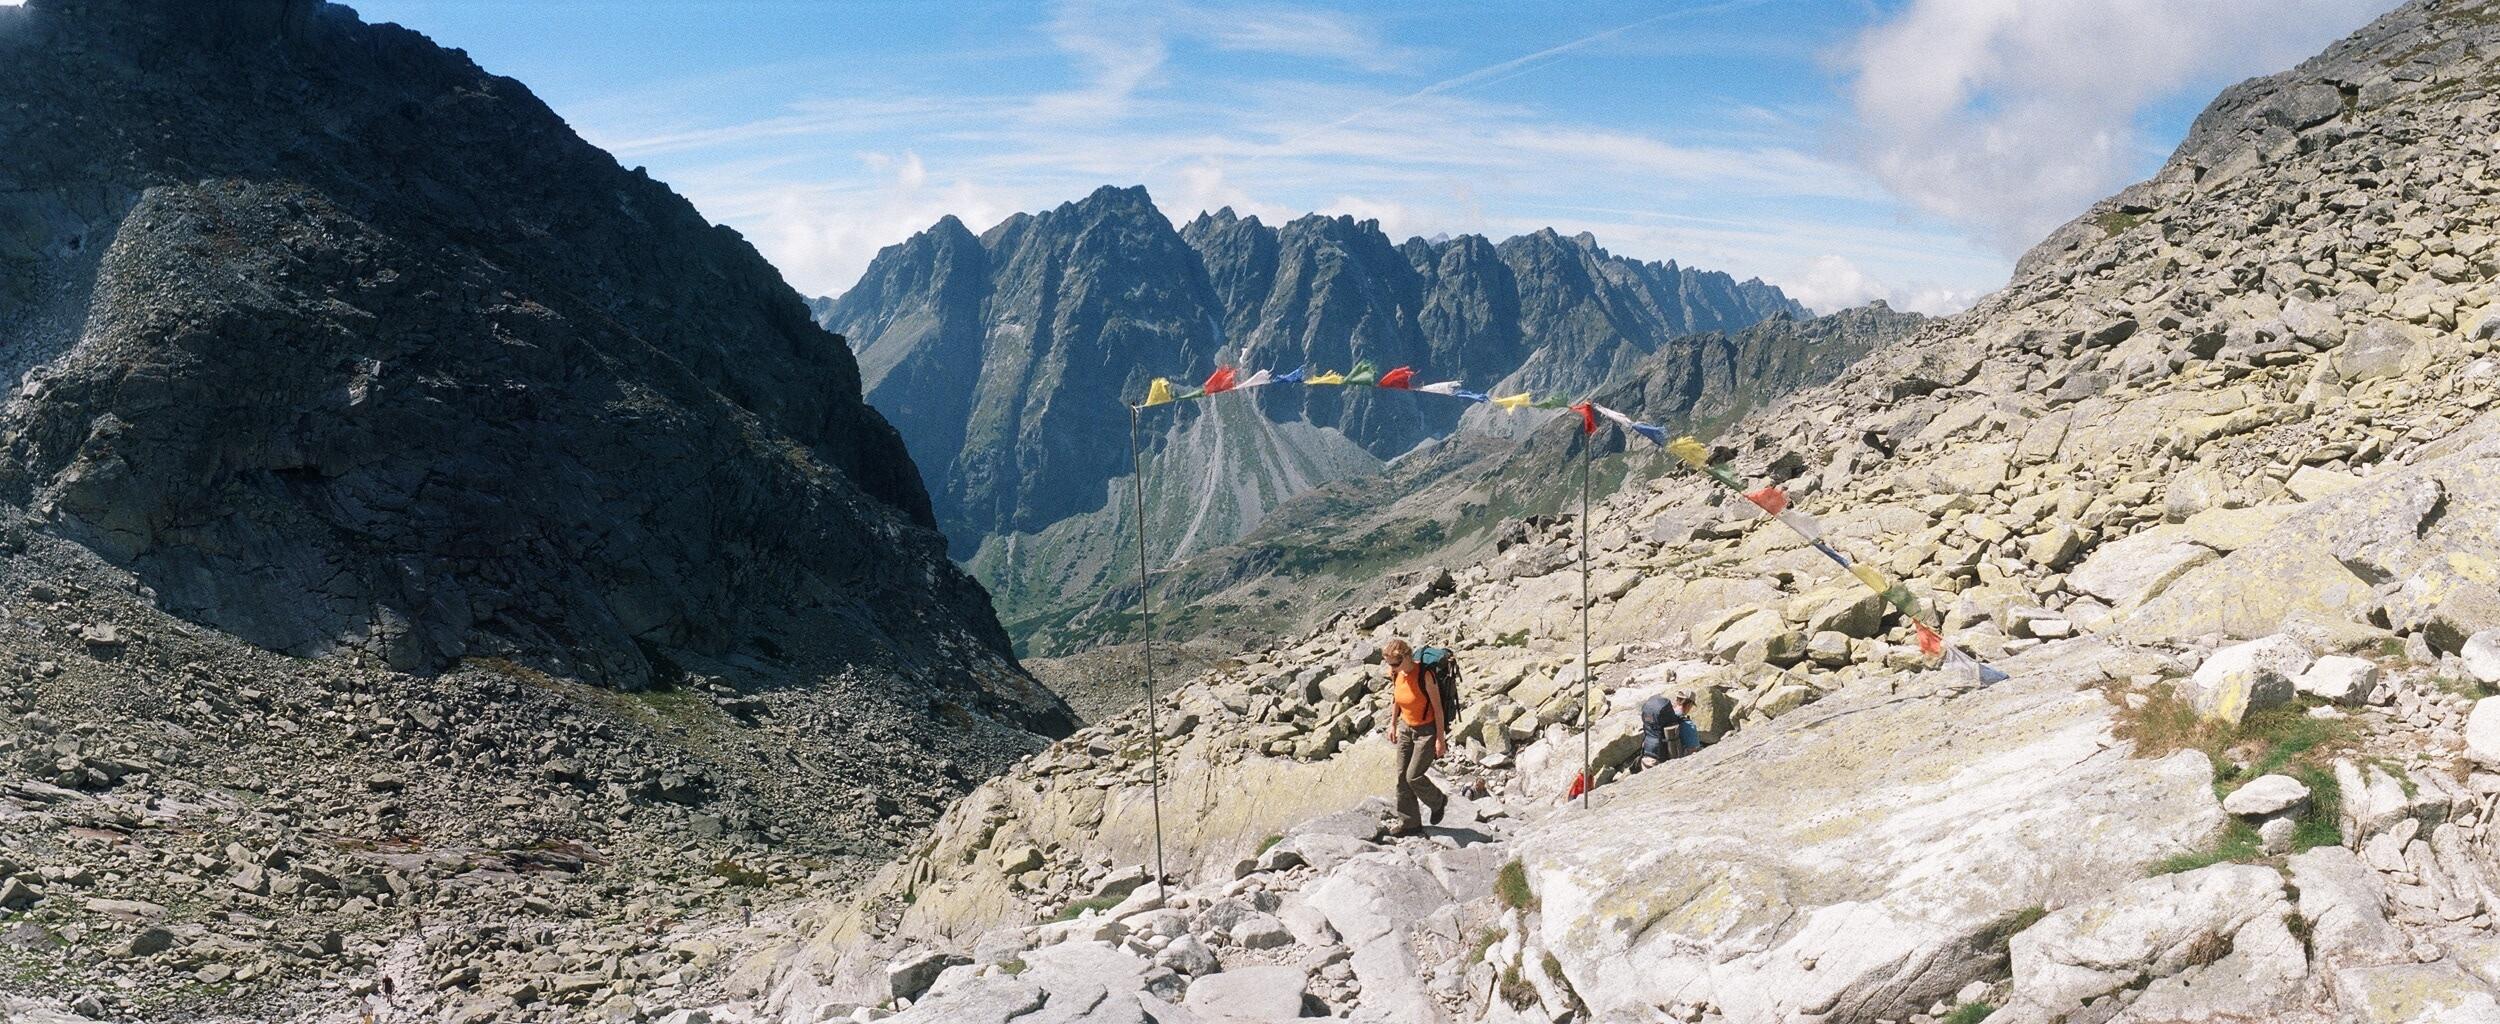 Hiking paradise in Slovakia - High Tatras